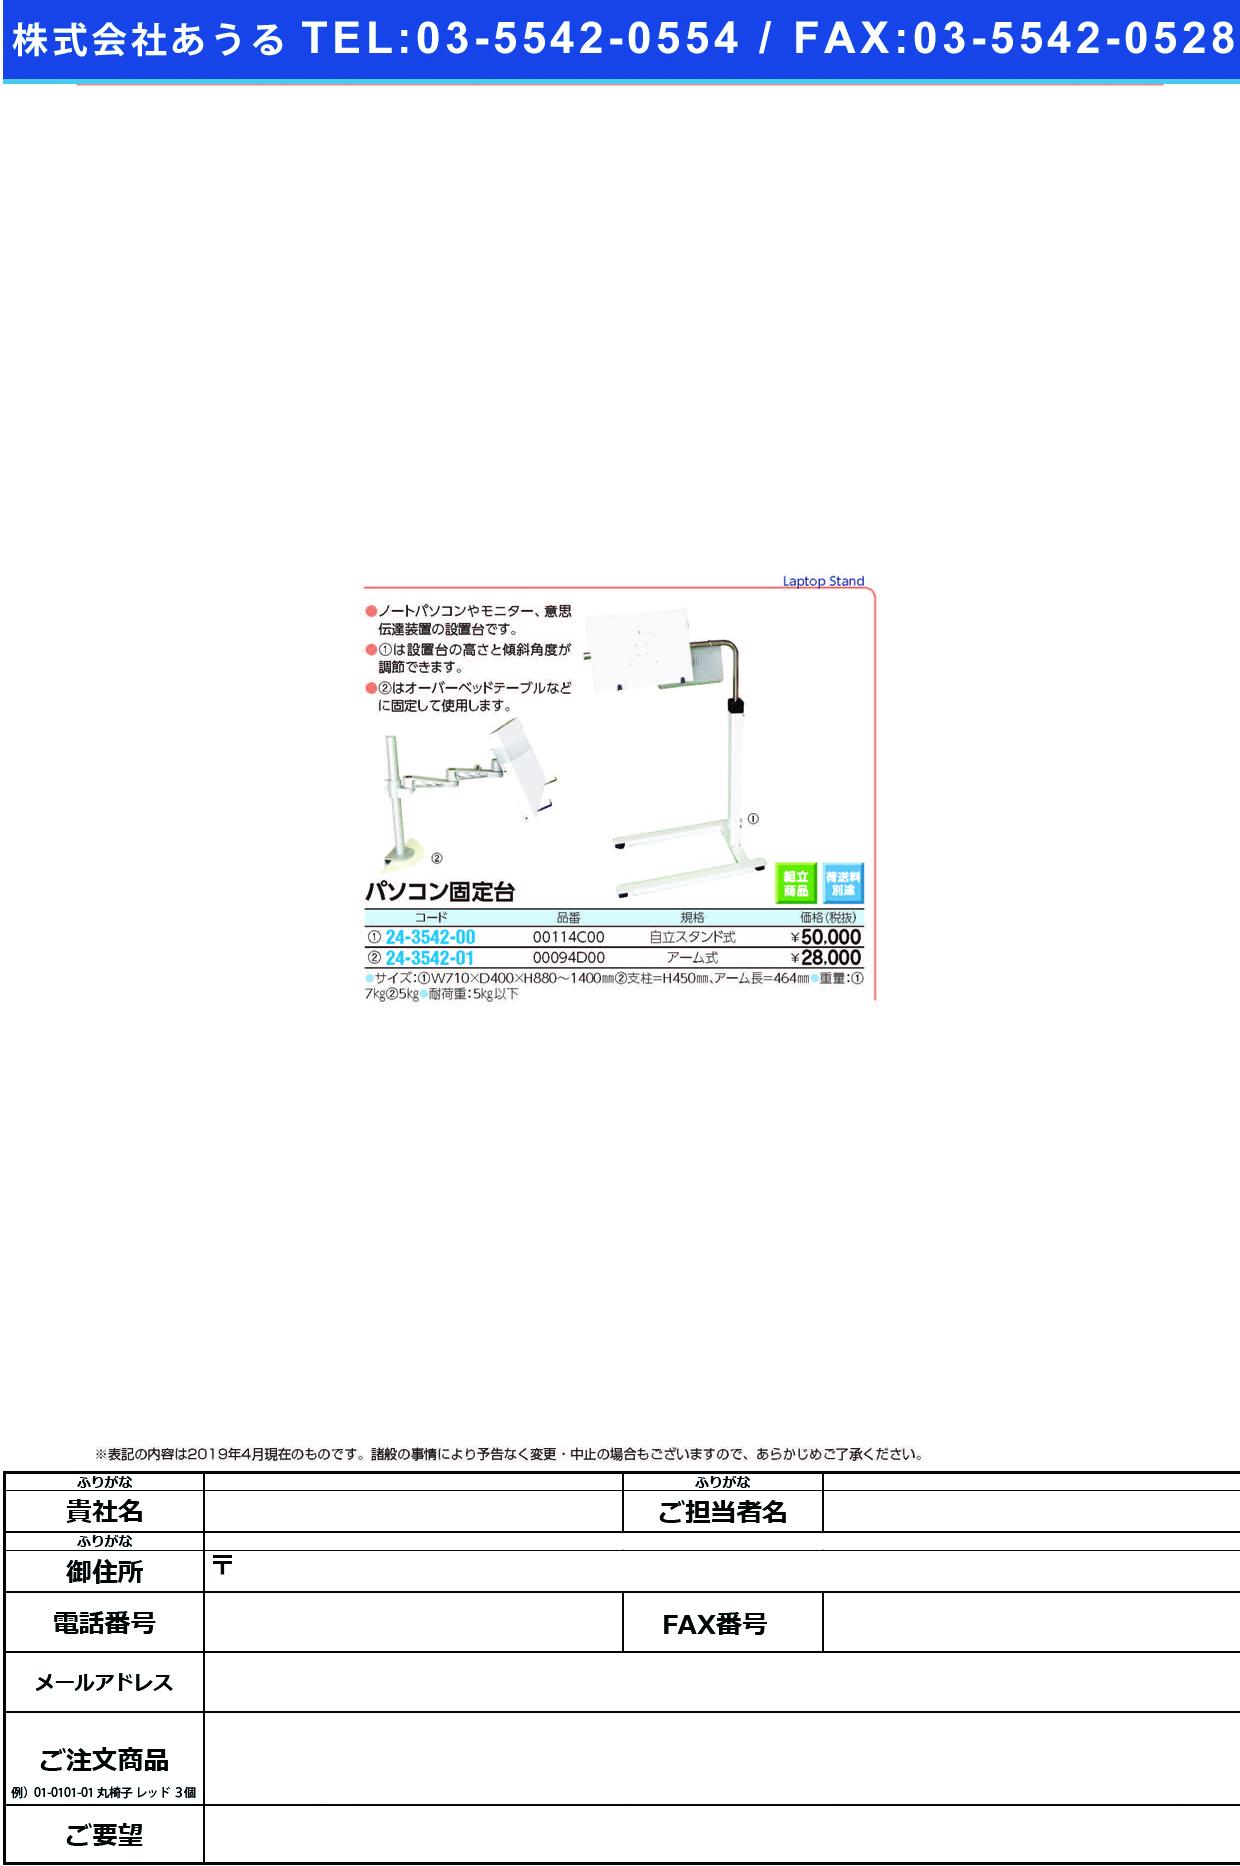 (24-3542-00)パソコン固定台(PCスタンド2) 00114C00(ジリツスタンドシキ パソコンコテイダイ(PCスタンド2【1台単位】【2019年カタログ商品】